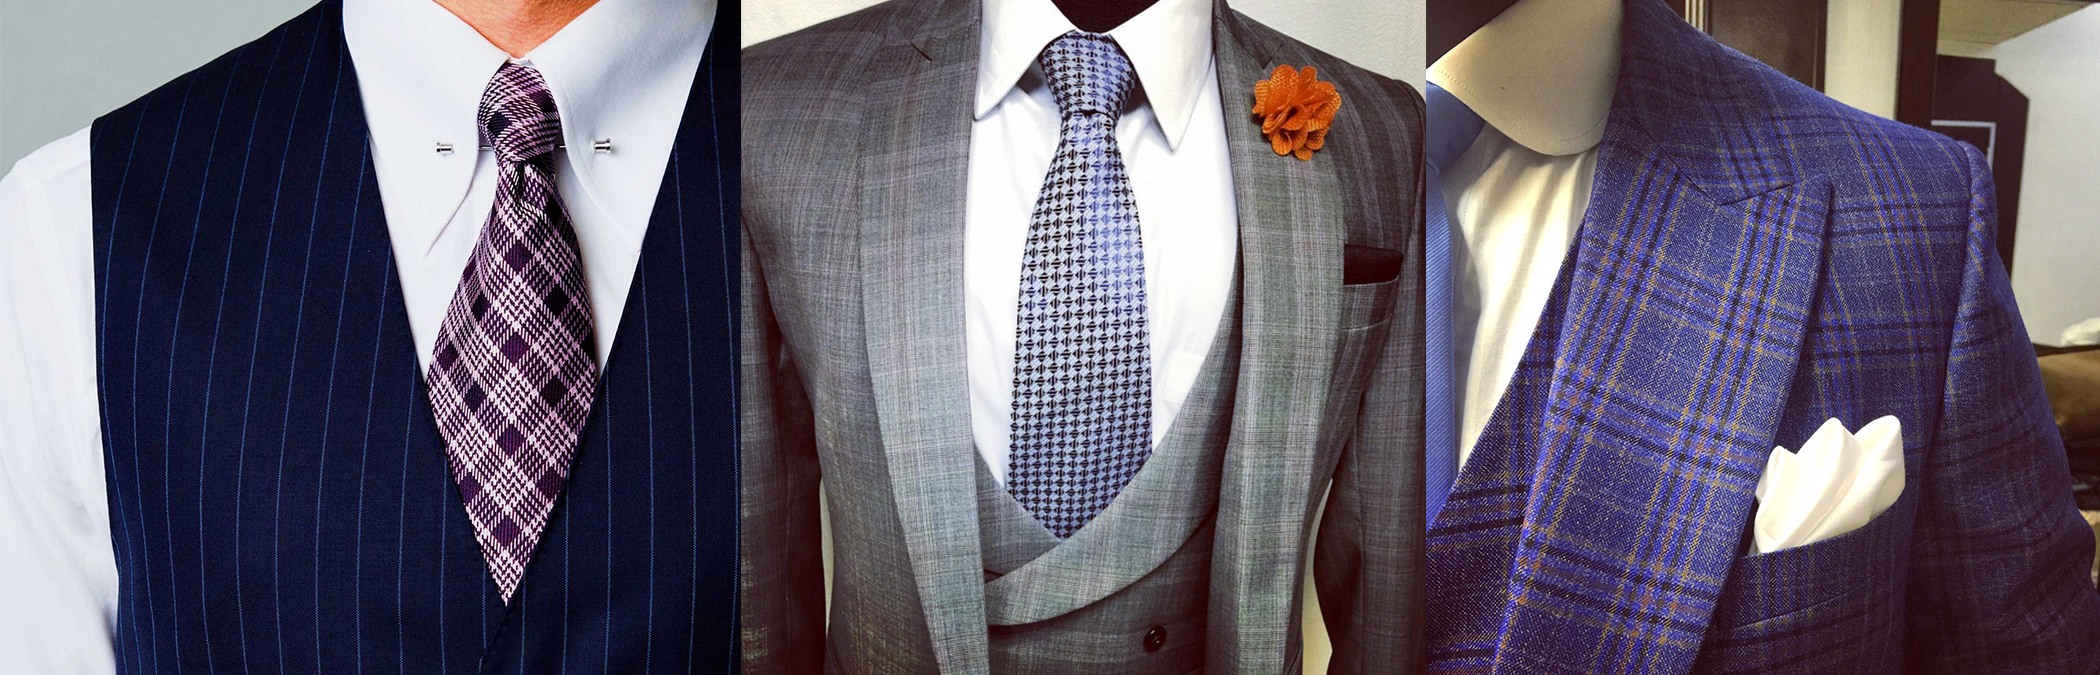 tailored shirt slider